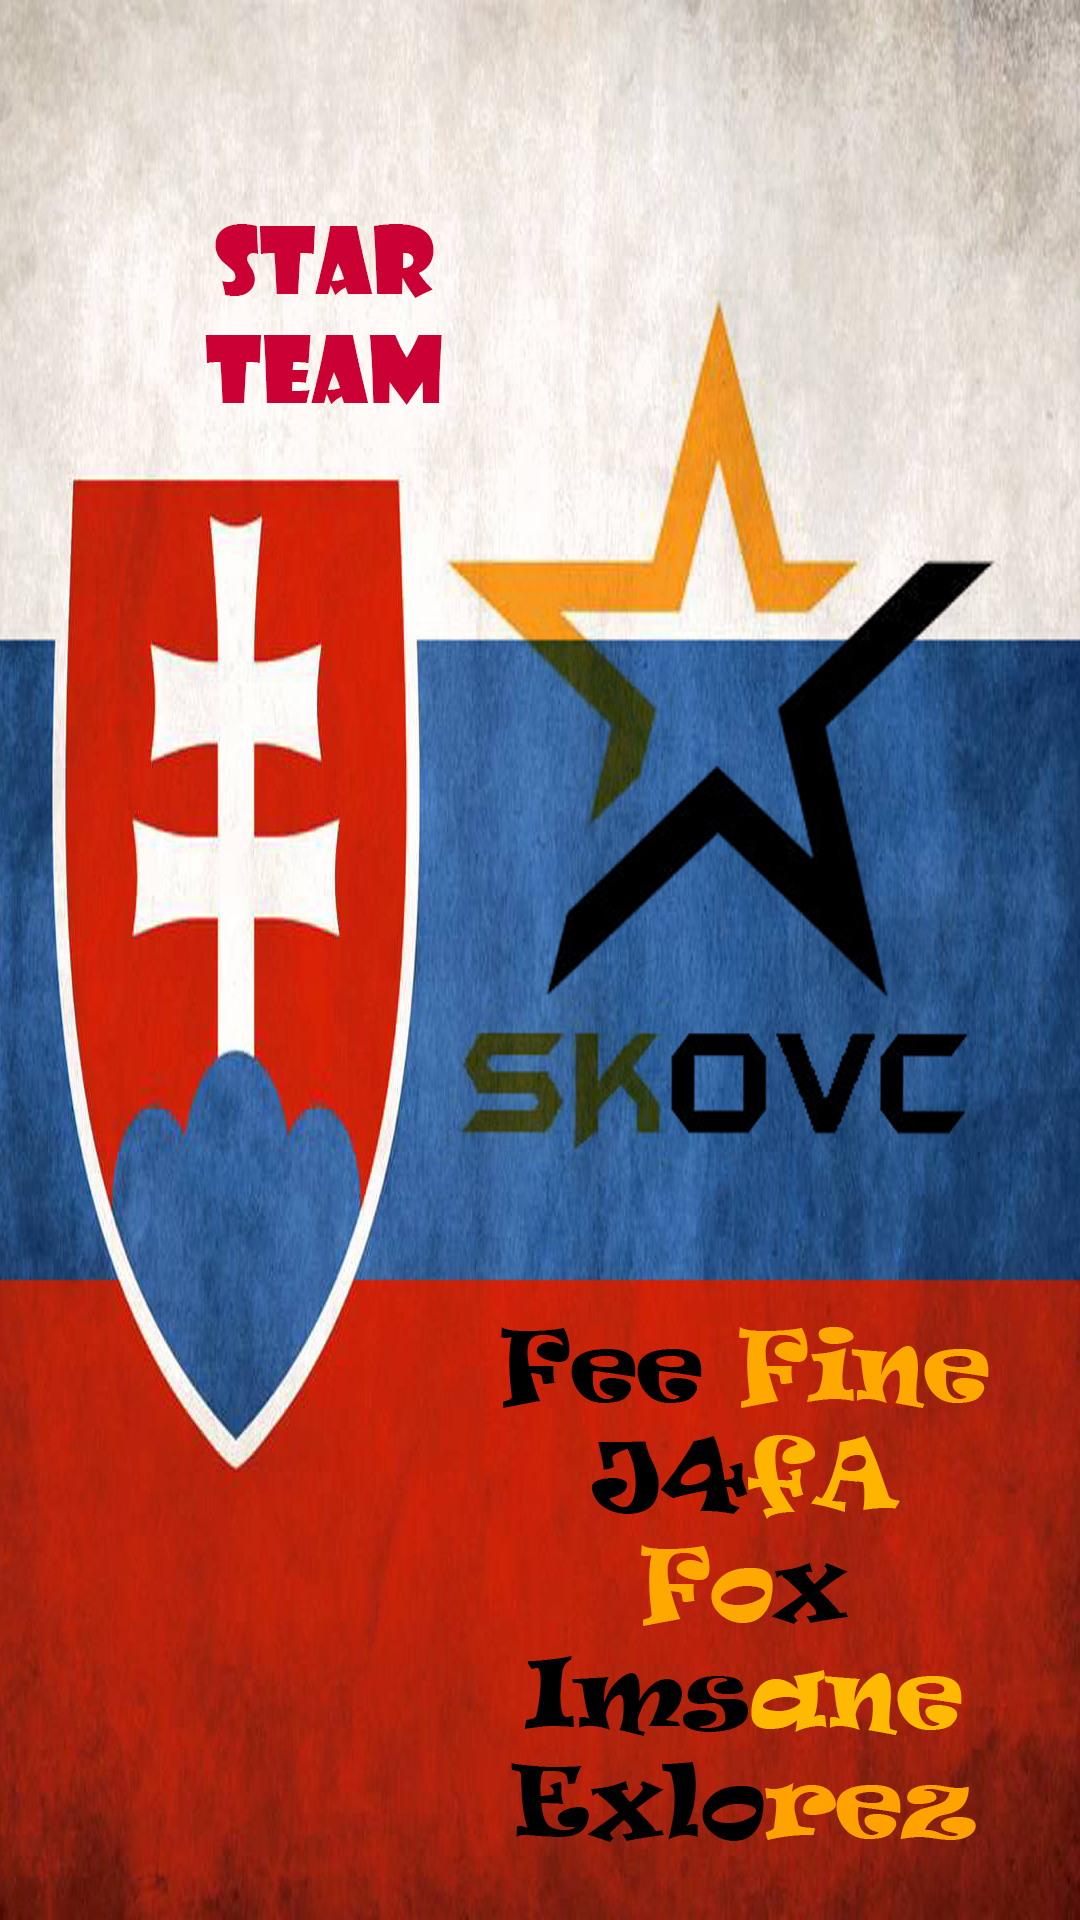 SKovC